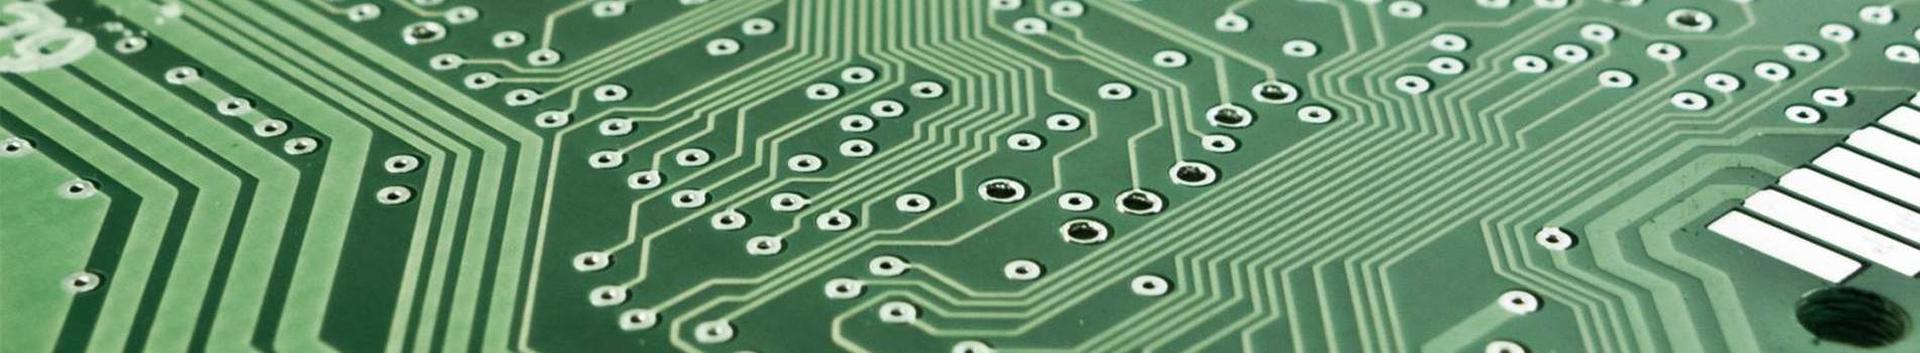 62091_infotehnoloogia-ja-arvutialased-tegevused_58641677_xl.jpg